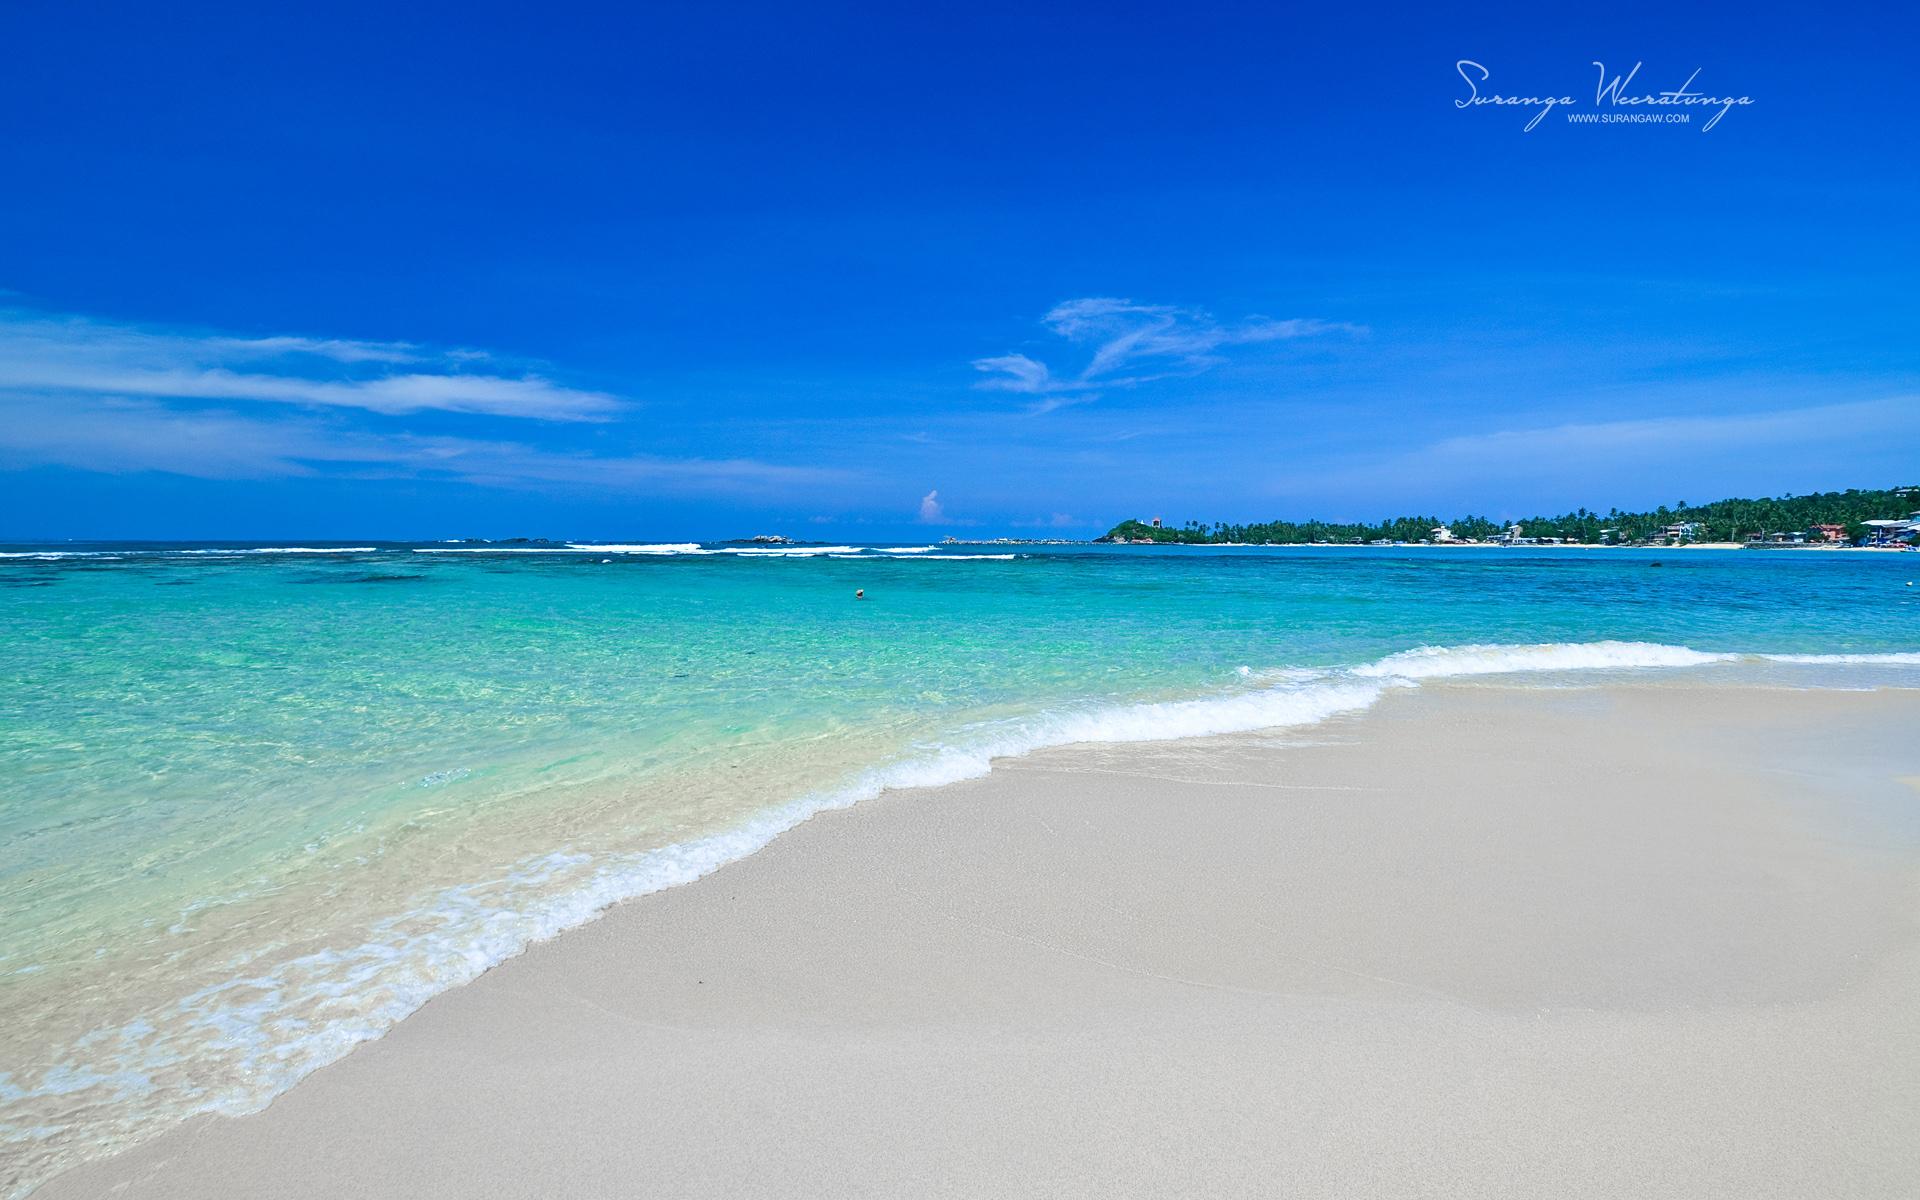 ciel-bleu-soleil-sable-fin-srilanka